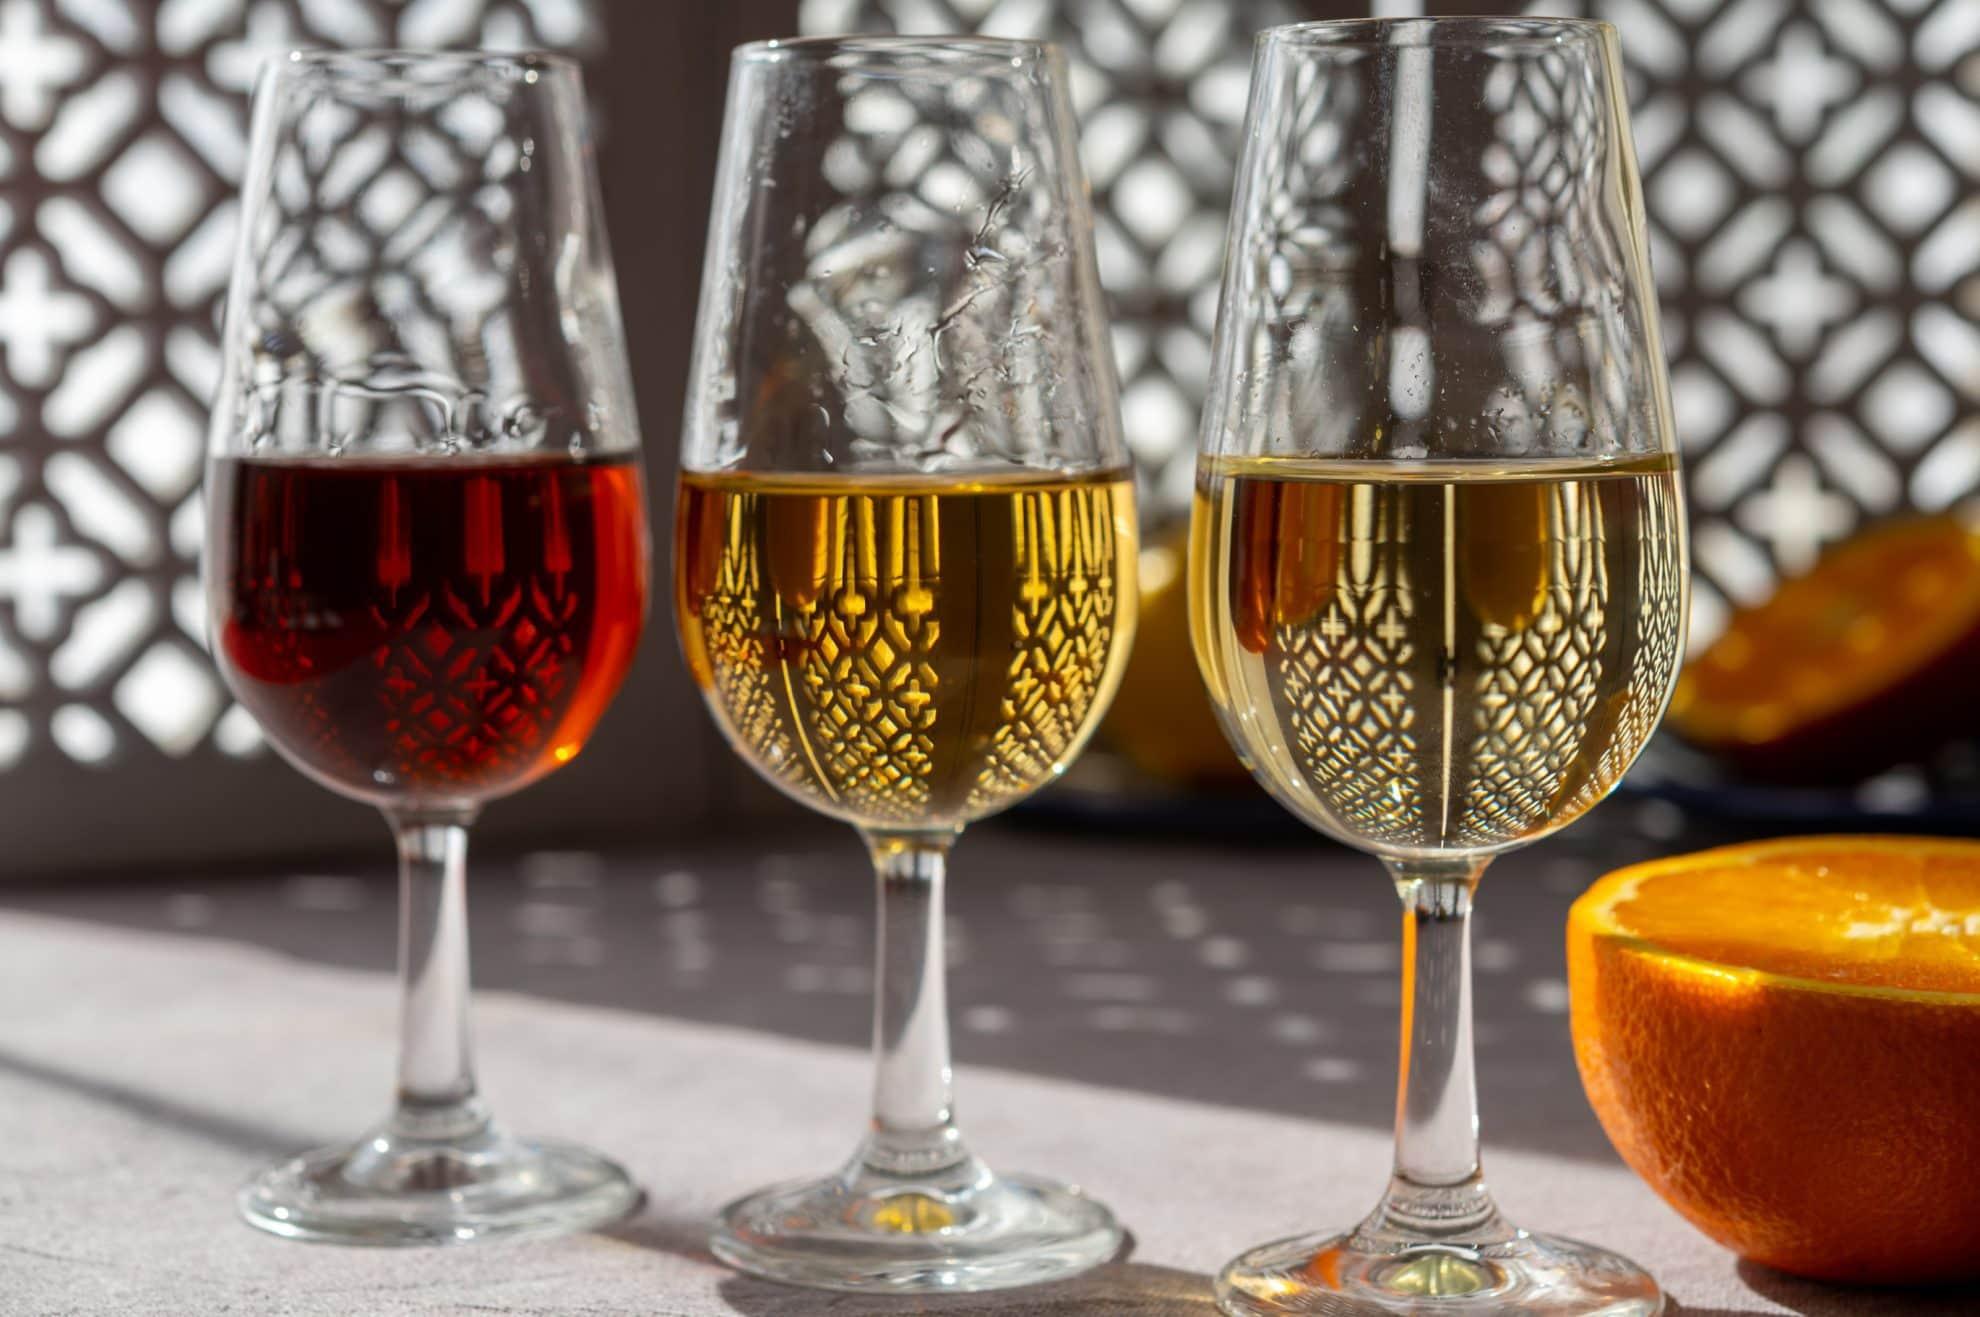 three glasses of sherry wine